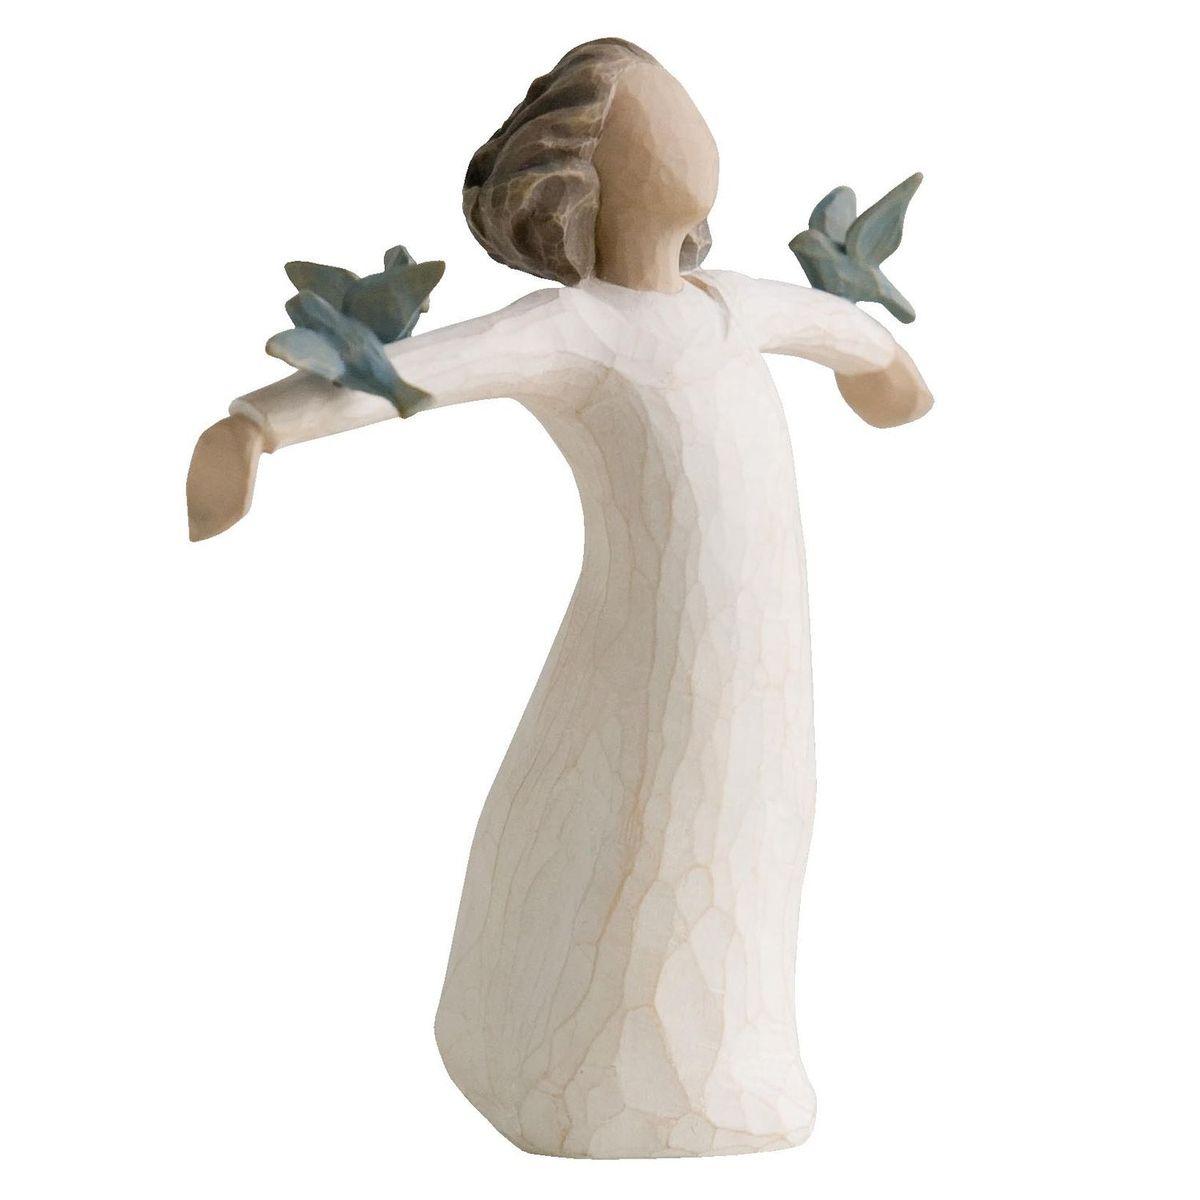 Фигурка декоративная Willow Tree Счастье, высота 13 см12723Декоративная фигурка Willow Tree создана канадским скульптором Сьюзан Лорди. Фигурка выполнена из искусственного камня (49% карбонат кальция мелкозернистой разновидности, 51% искусственный камень).Фигурка Willow Tree – это настоящее произведение искусства, образная скульптура в миниатюре, изображающая эмоции и чувства, которые помогают чувствовать себя ближе к другим, верить в мечту, выражать любовь.Фигурка помещена в красивую упаковку.Купить такой оригинальный подарок, значит не только украсить интерьер помещения или жилой комнаты, но выразить свое глубокое отношение к любимому человеку. Этот прекрасный сувенир будет лучшим подарком на день ангела, именины, день рождения, юбилей.